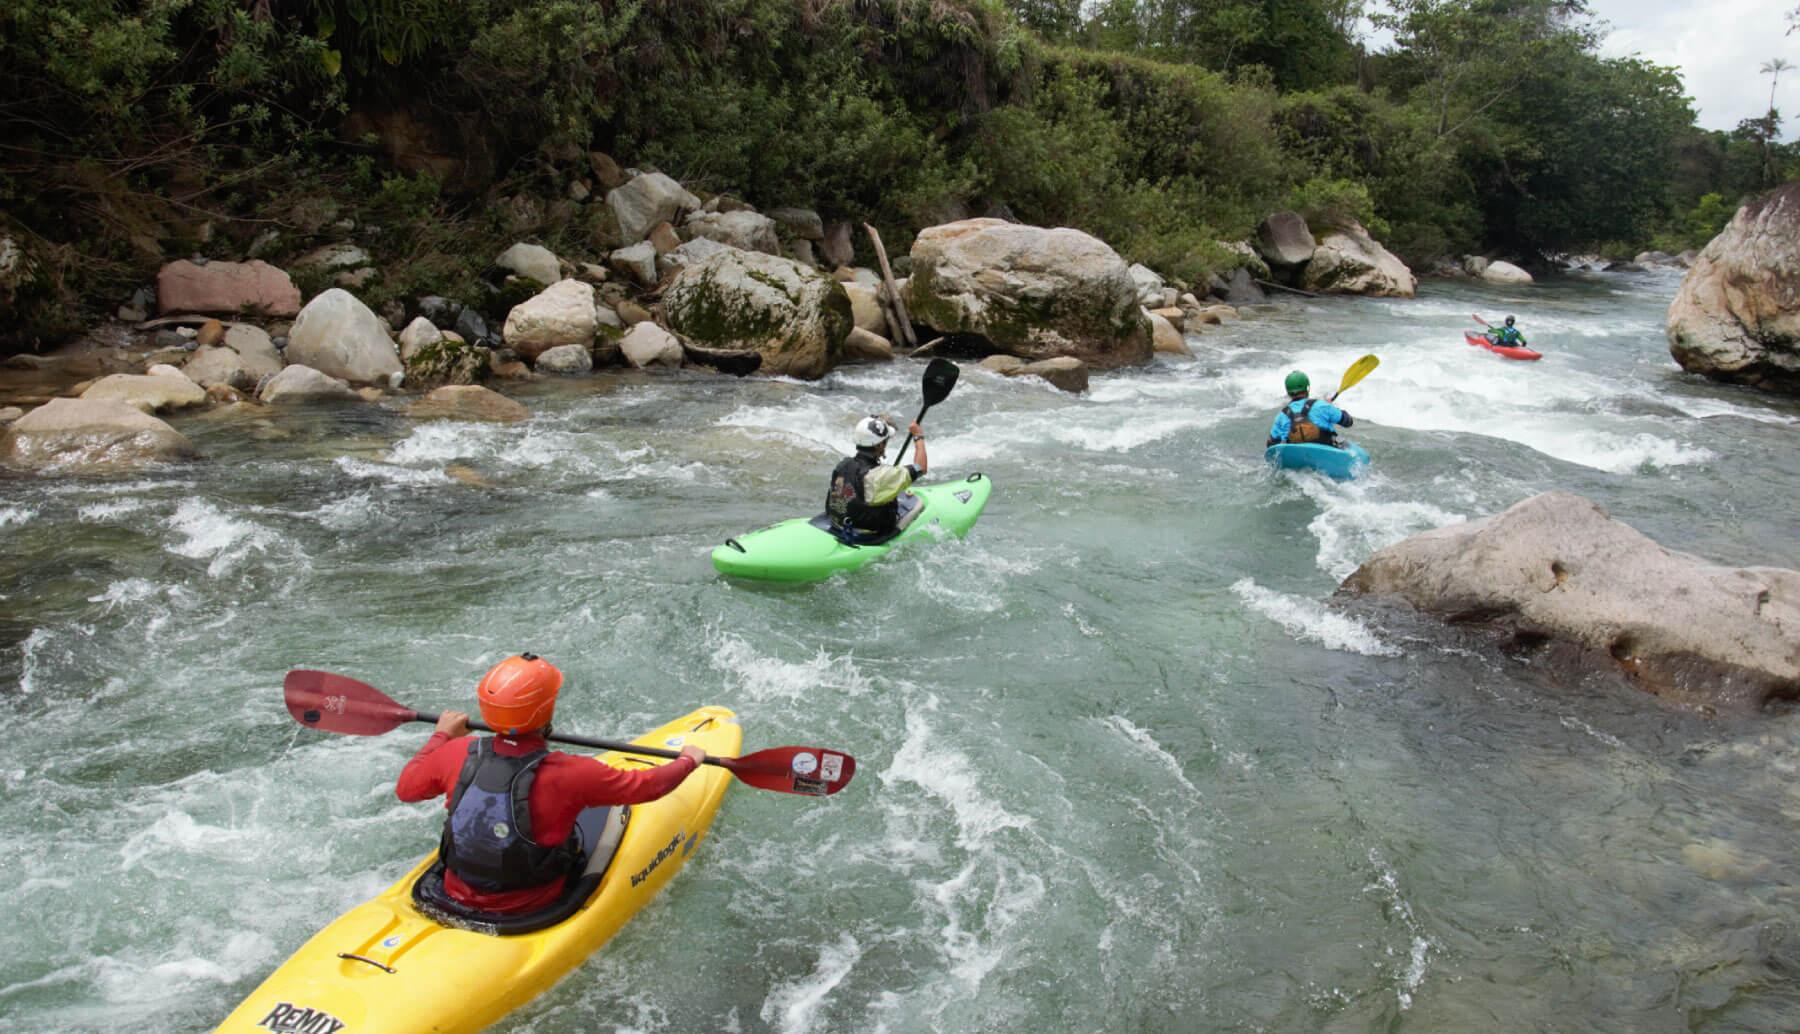 Many kayakers kayaking some rapids